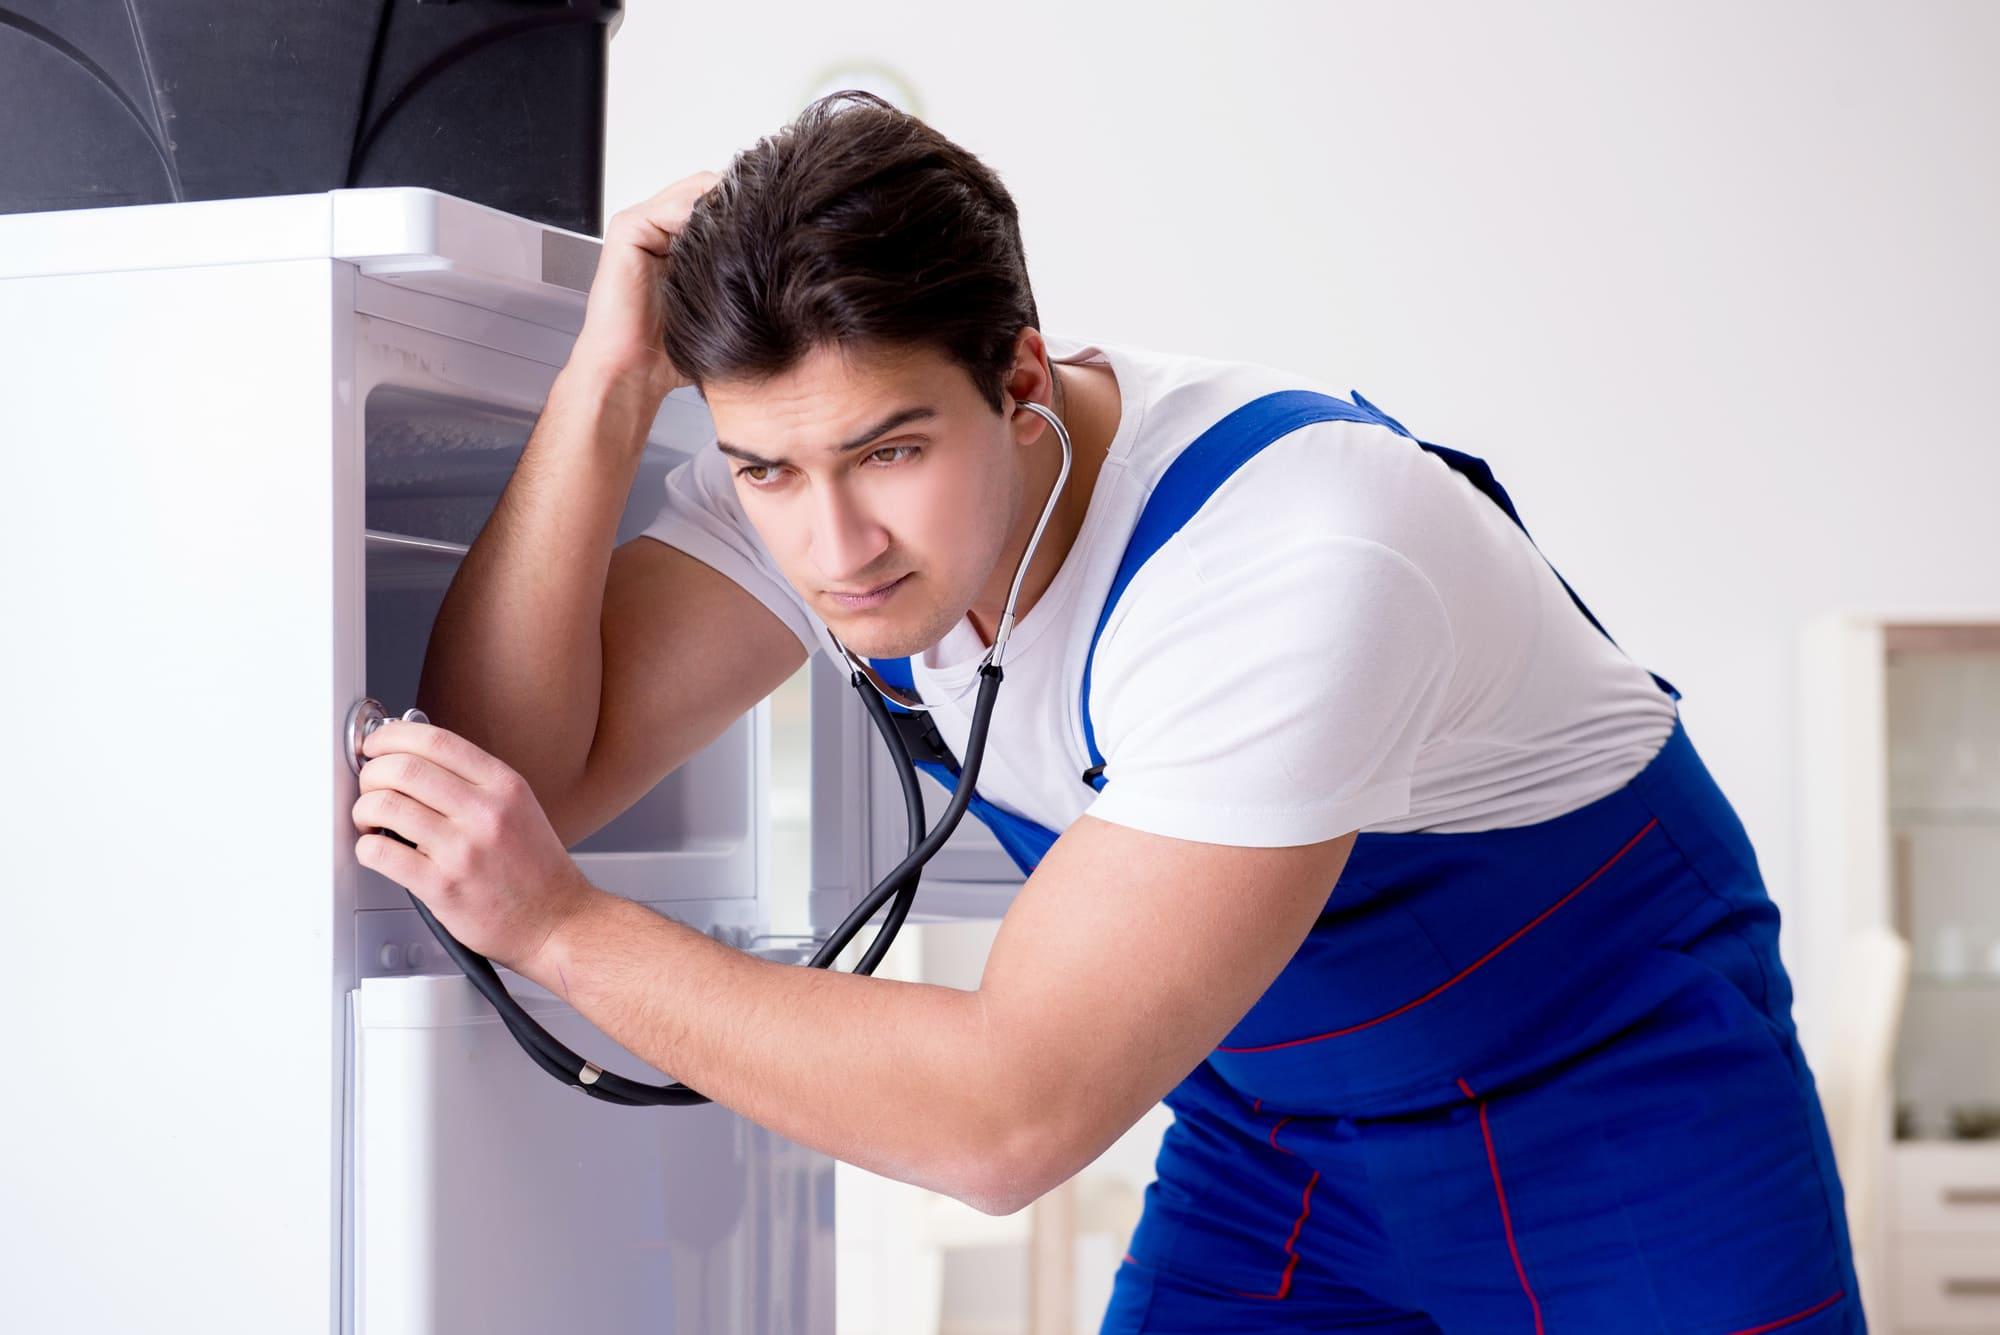 холодильник стал громко работать причины